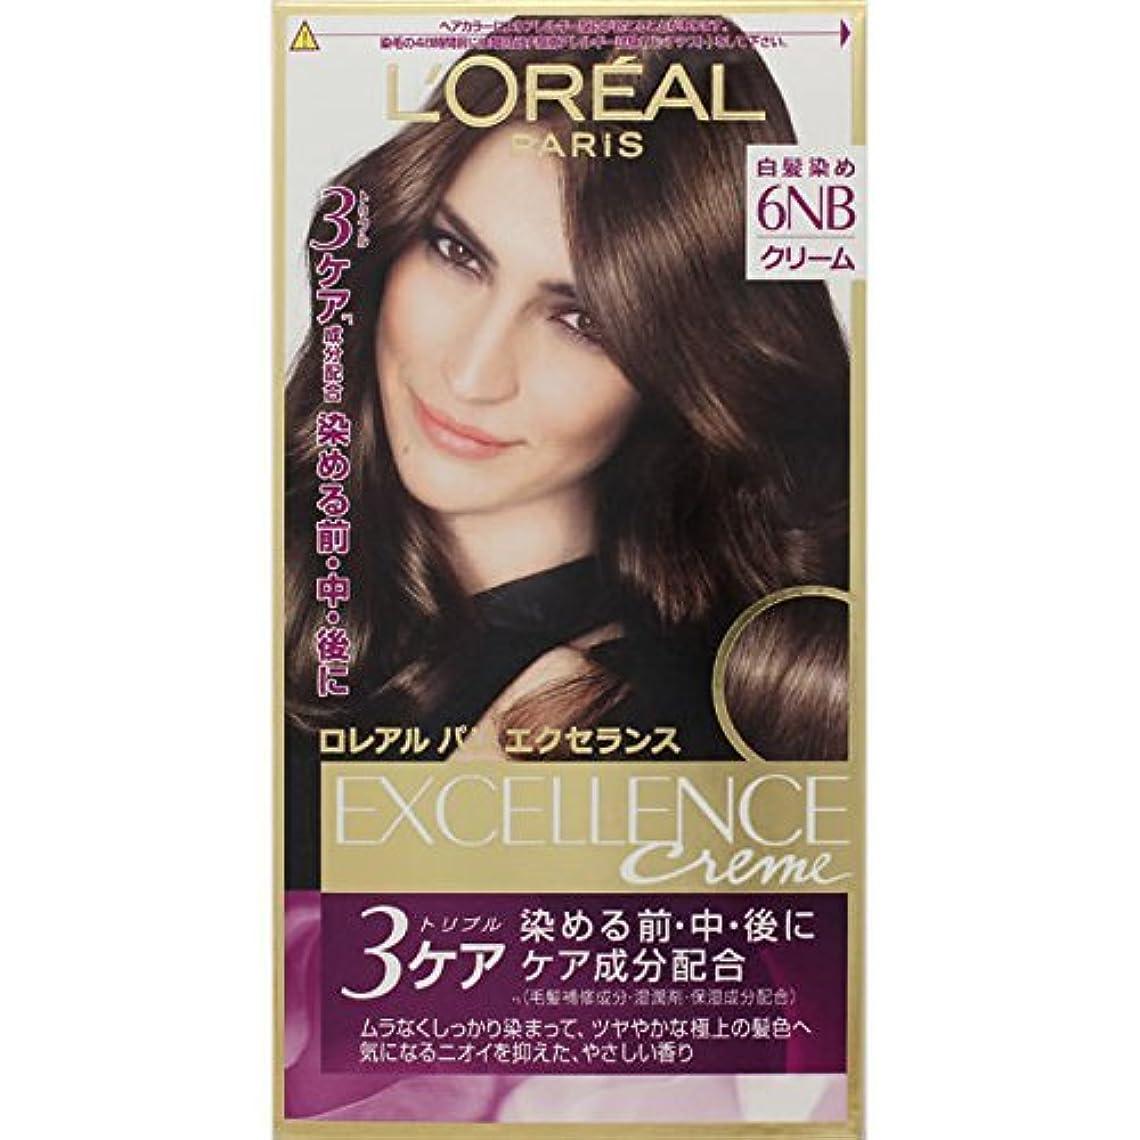 破滅的な食い違い正確さロレアル パリ ヘアカラー 白髪染め エクセランス N クリームタイプ 6NB やや明るい自然な栗色